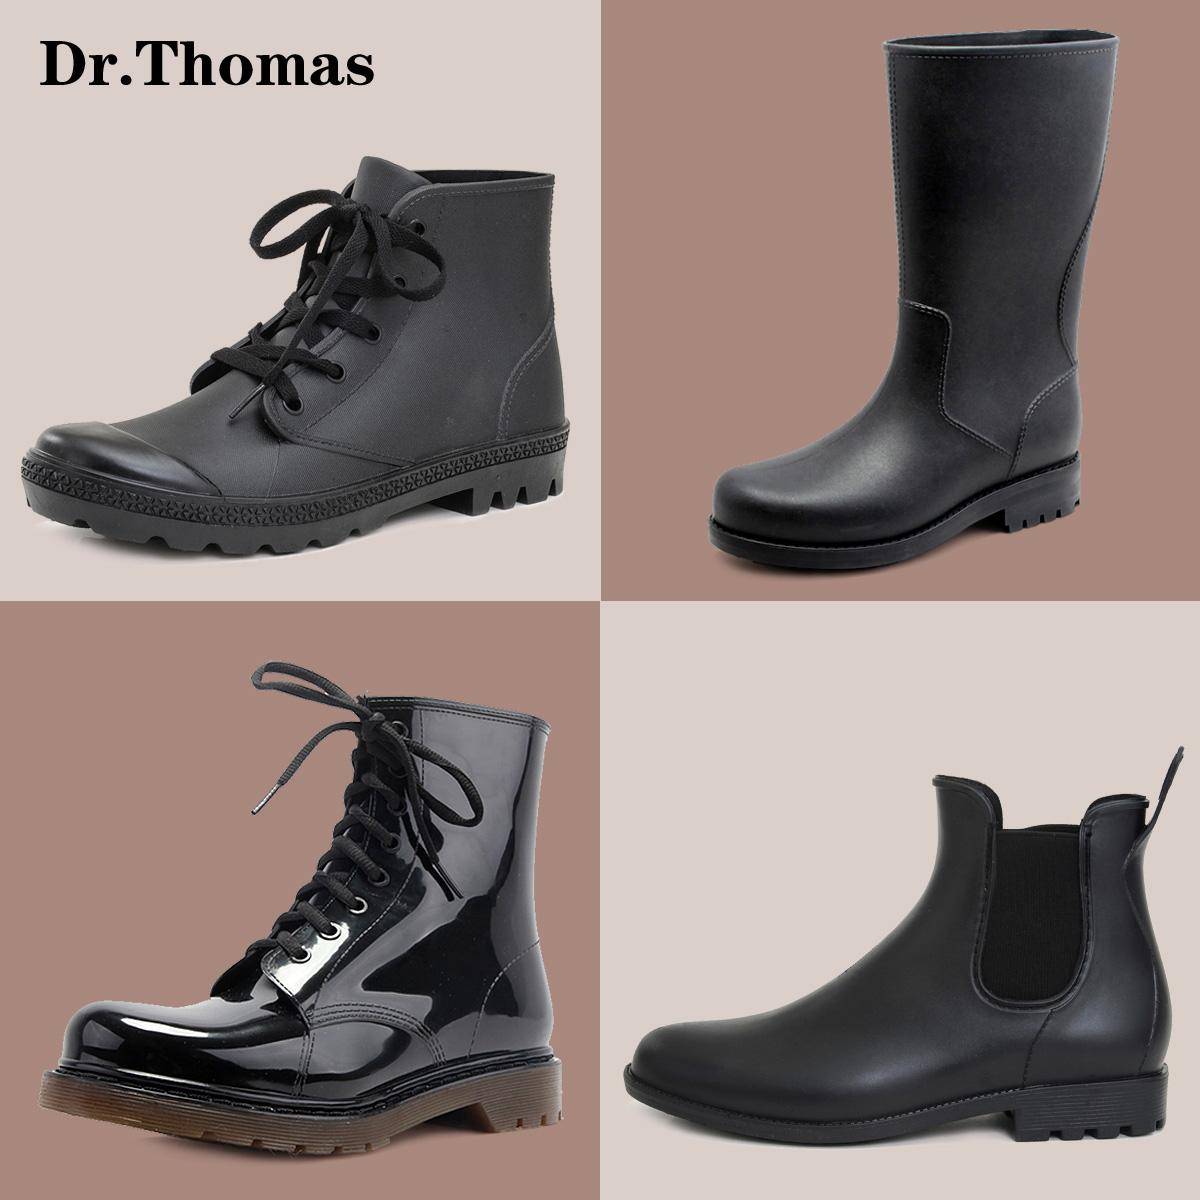 Ма Dingfan Челси моды мужской моде высокие ботинки рыбалка воды ботинки ботинки случайных сапоги калоши Тайд